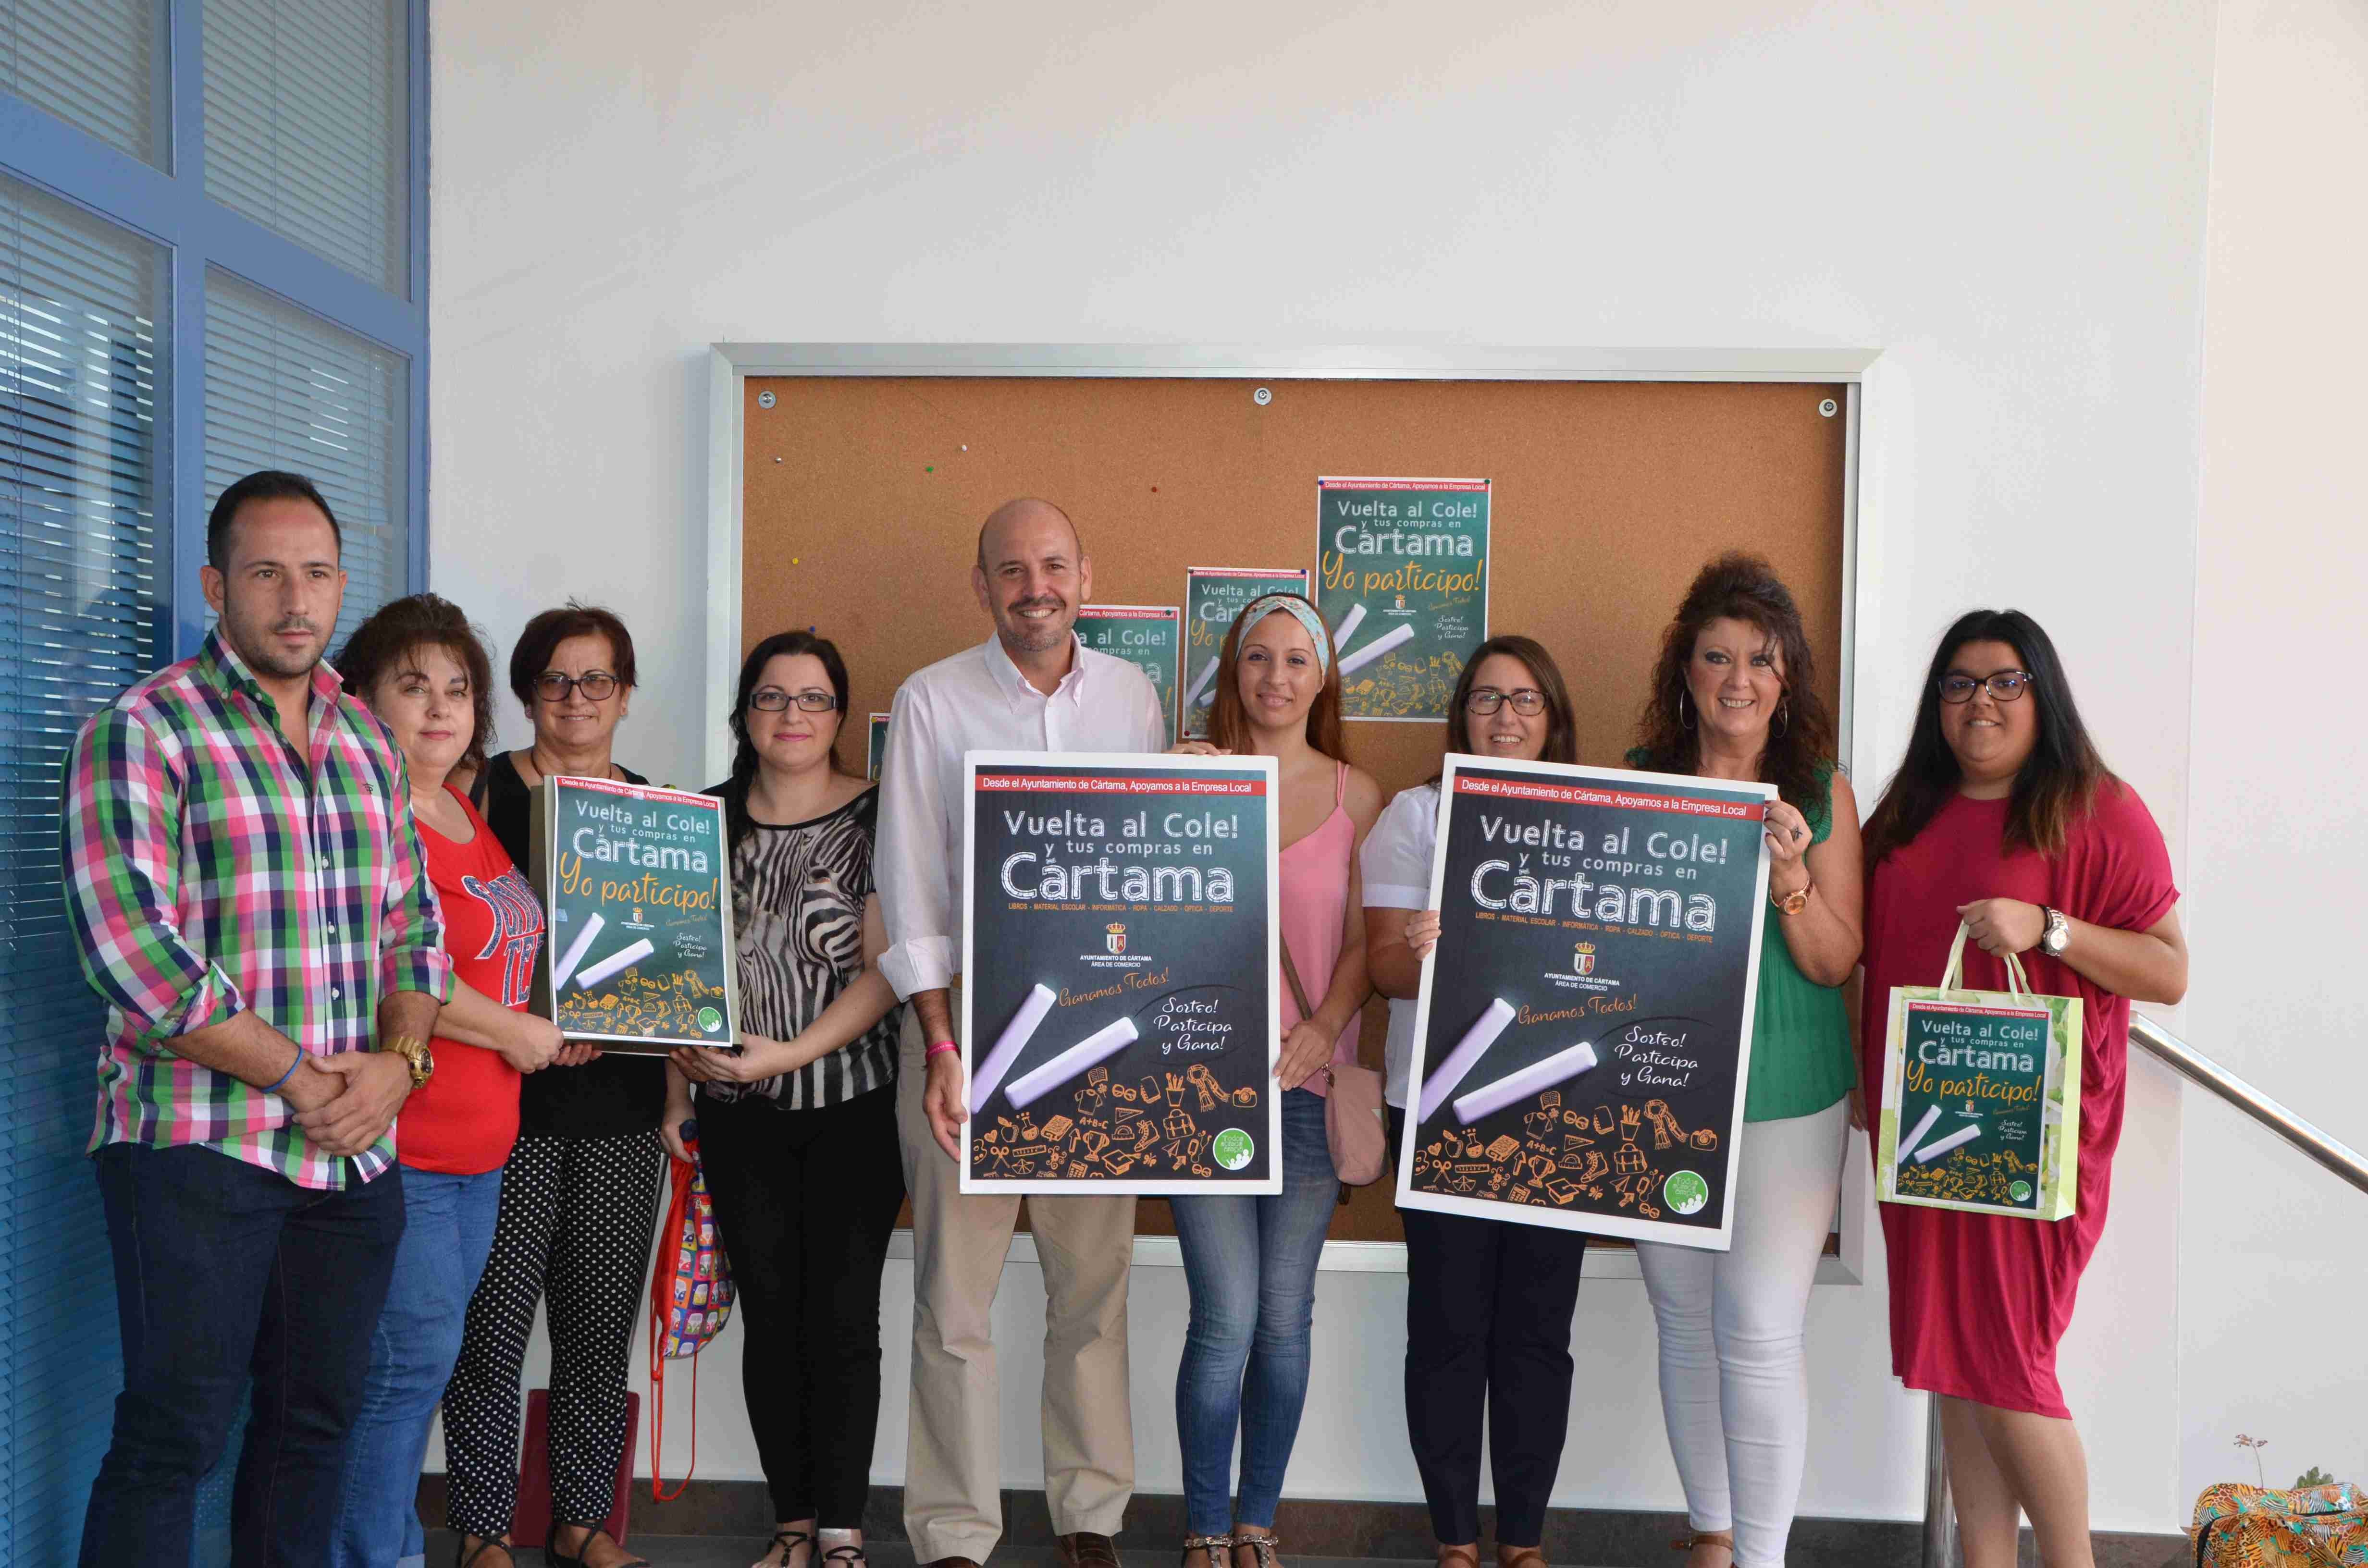 Lanzan una campaña para impulsar las compras de la vuelta al cole en los comercios del municipio